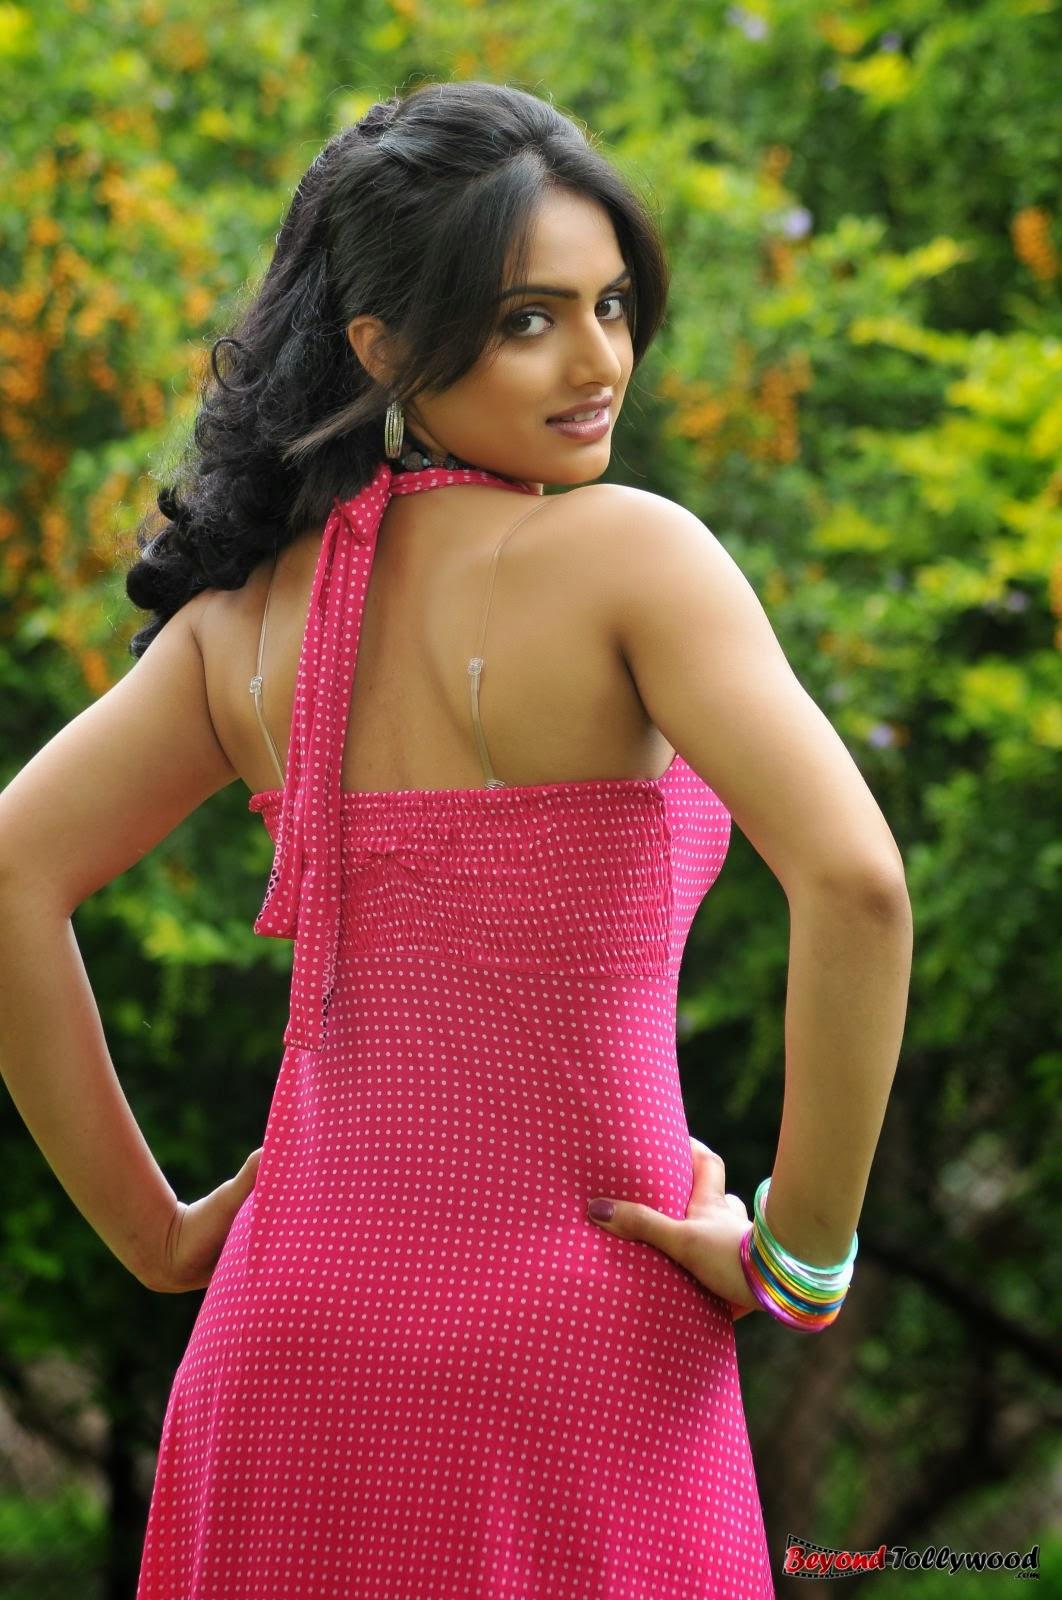 spicyimg: Ritu Kaur New Hot Photo Stills